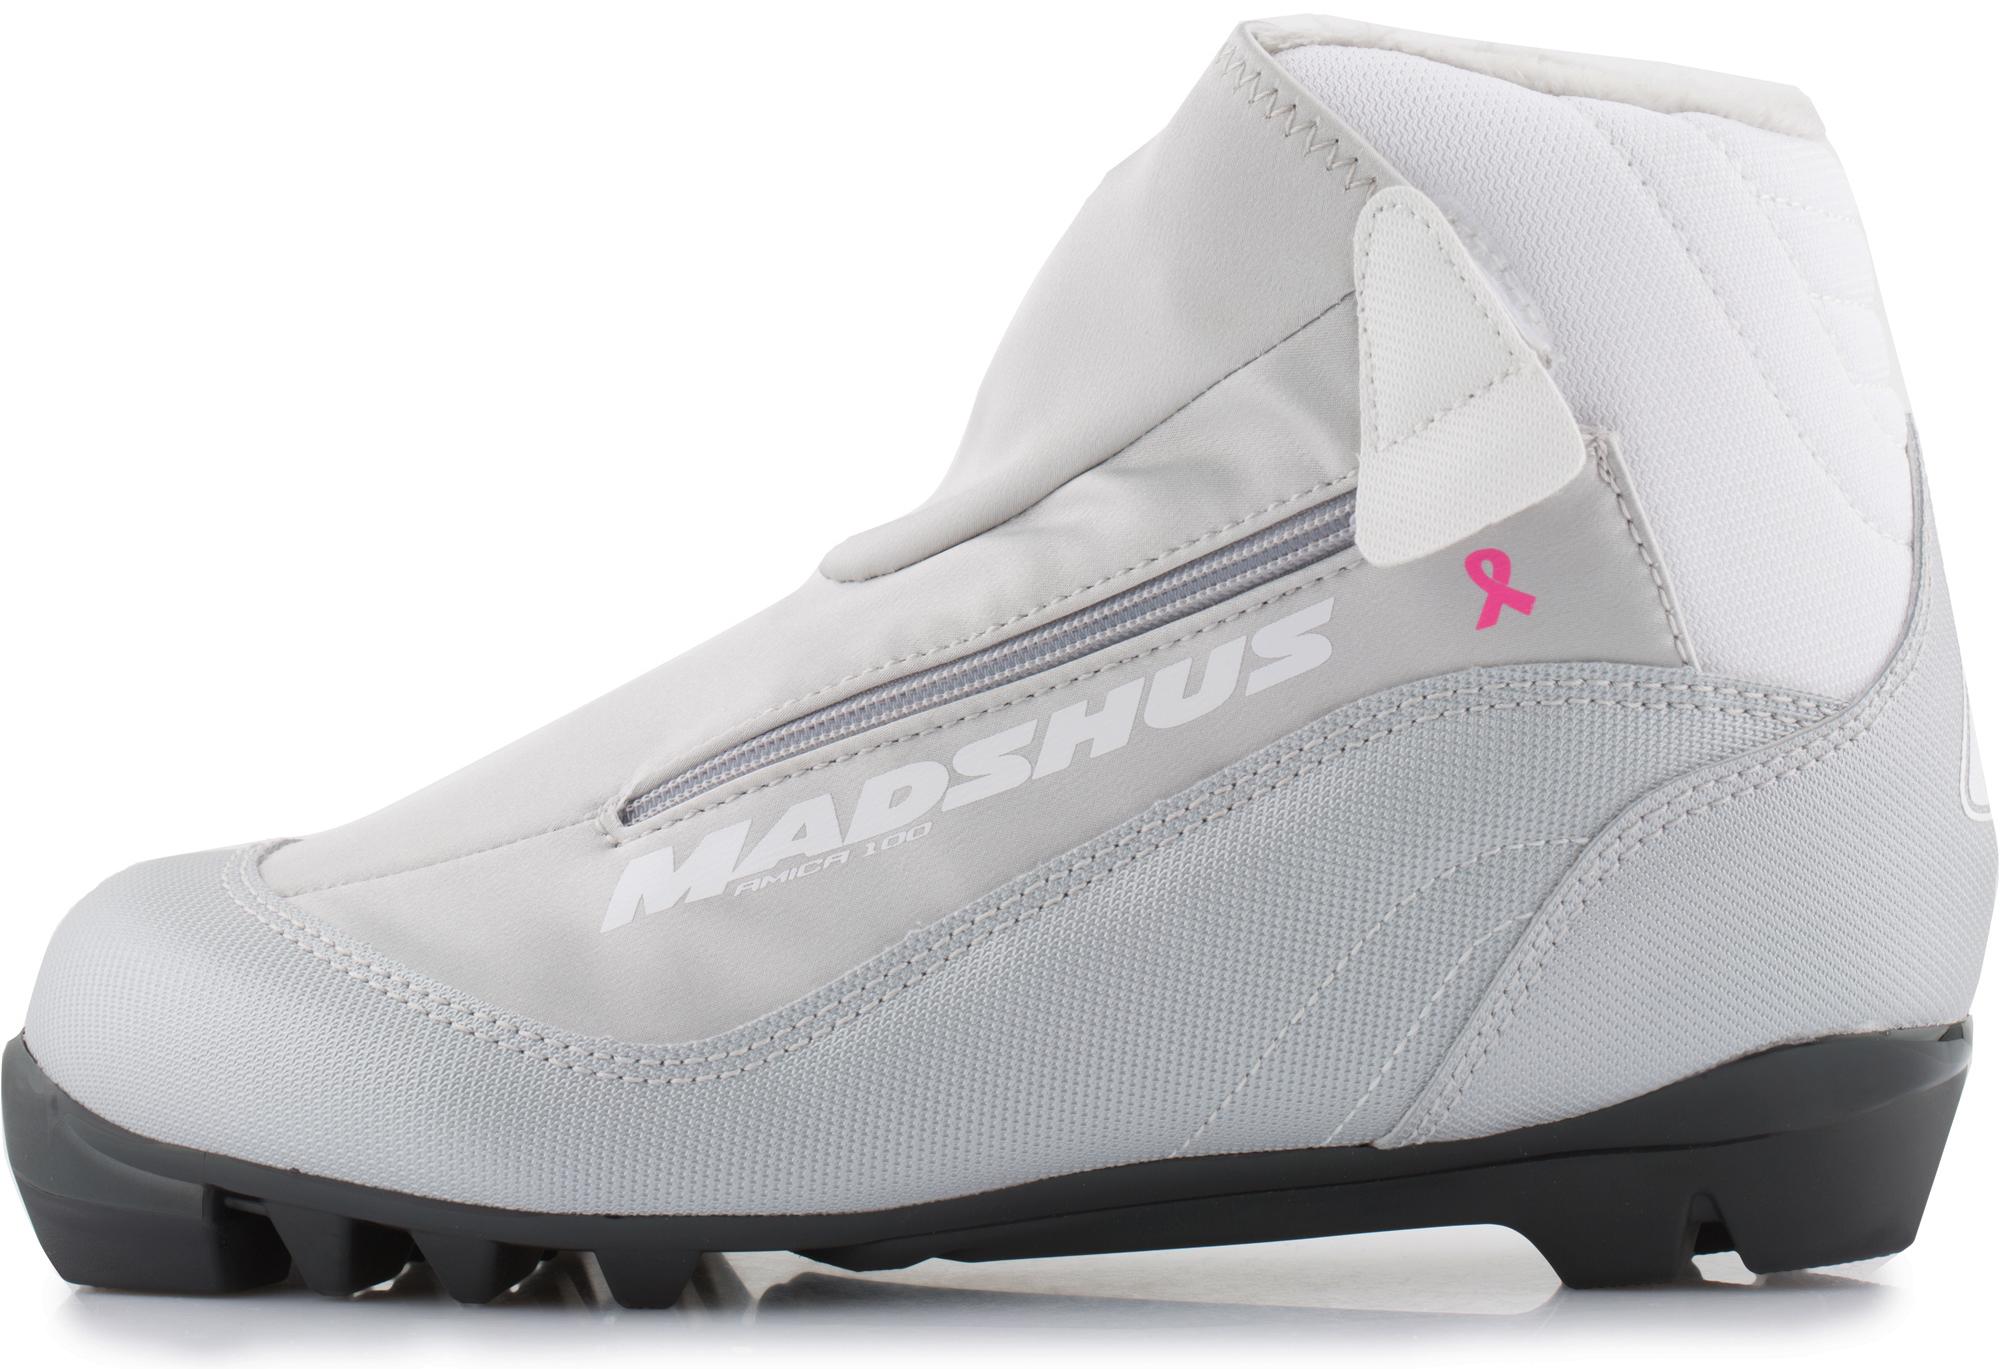 купить Madshus Ботинки для беговых лыж женские Madshus Amica100 дешево